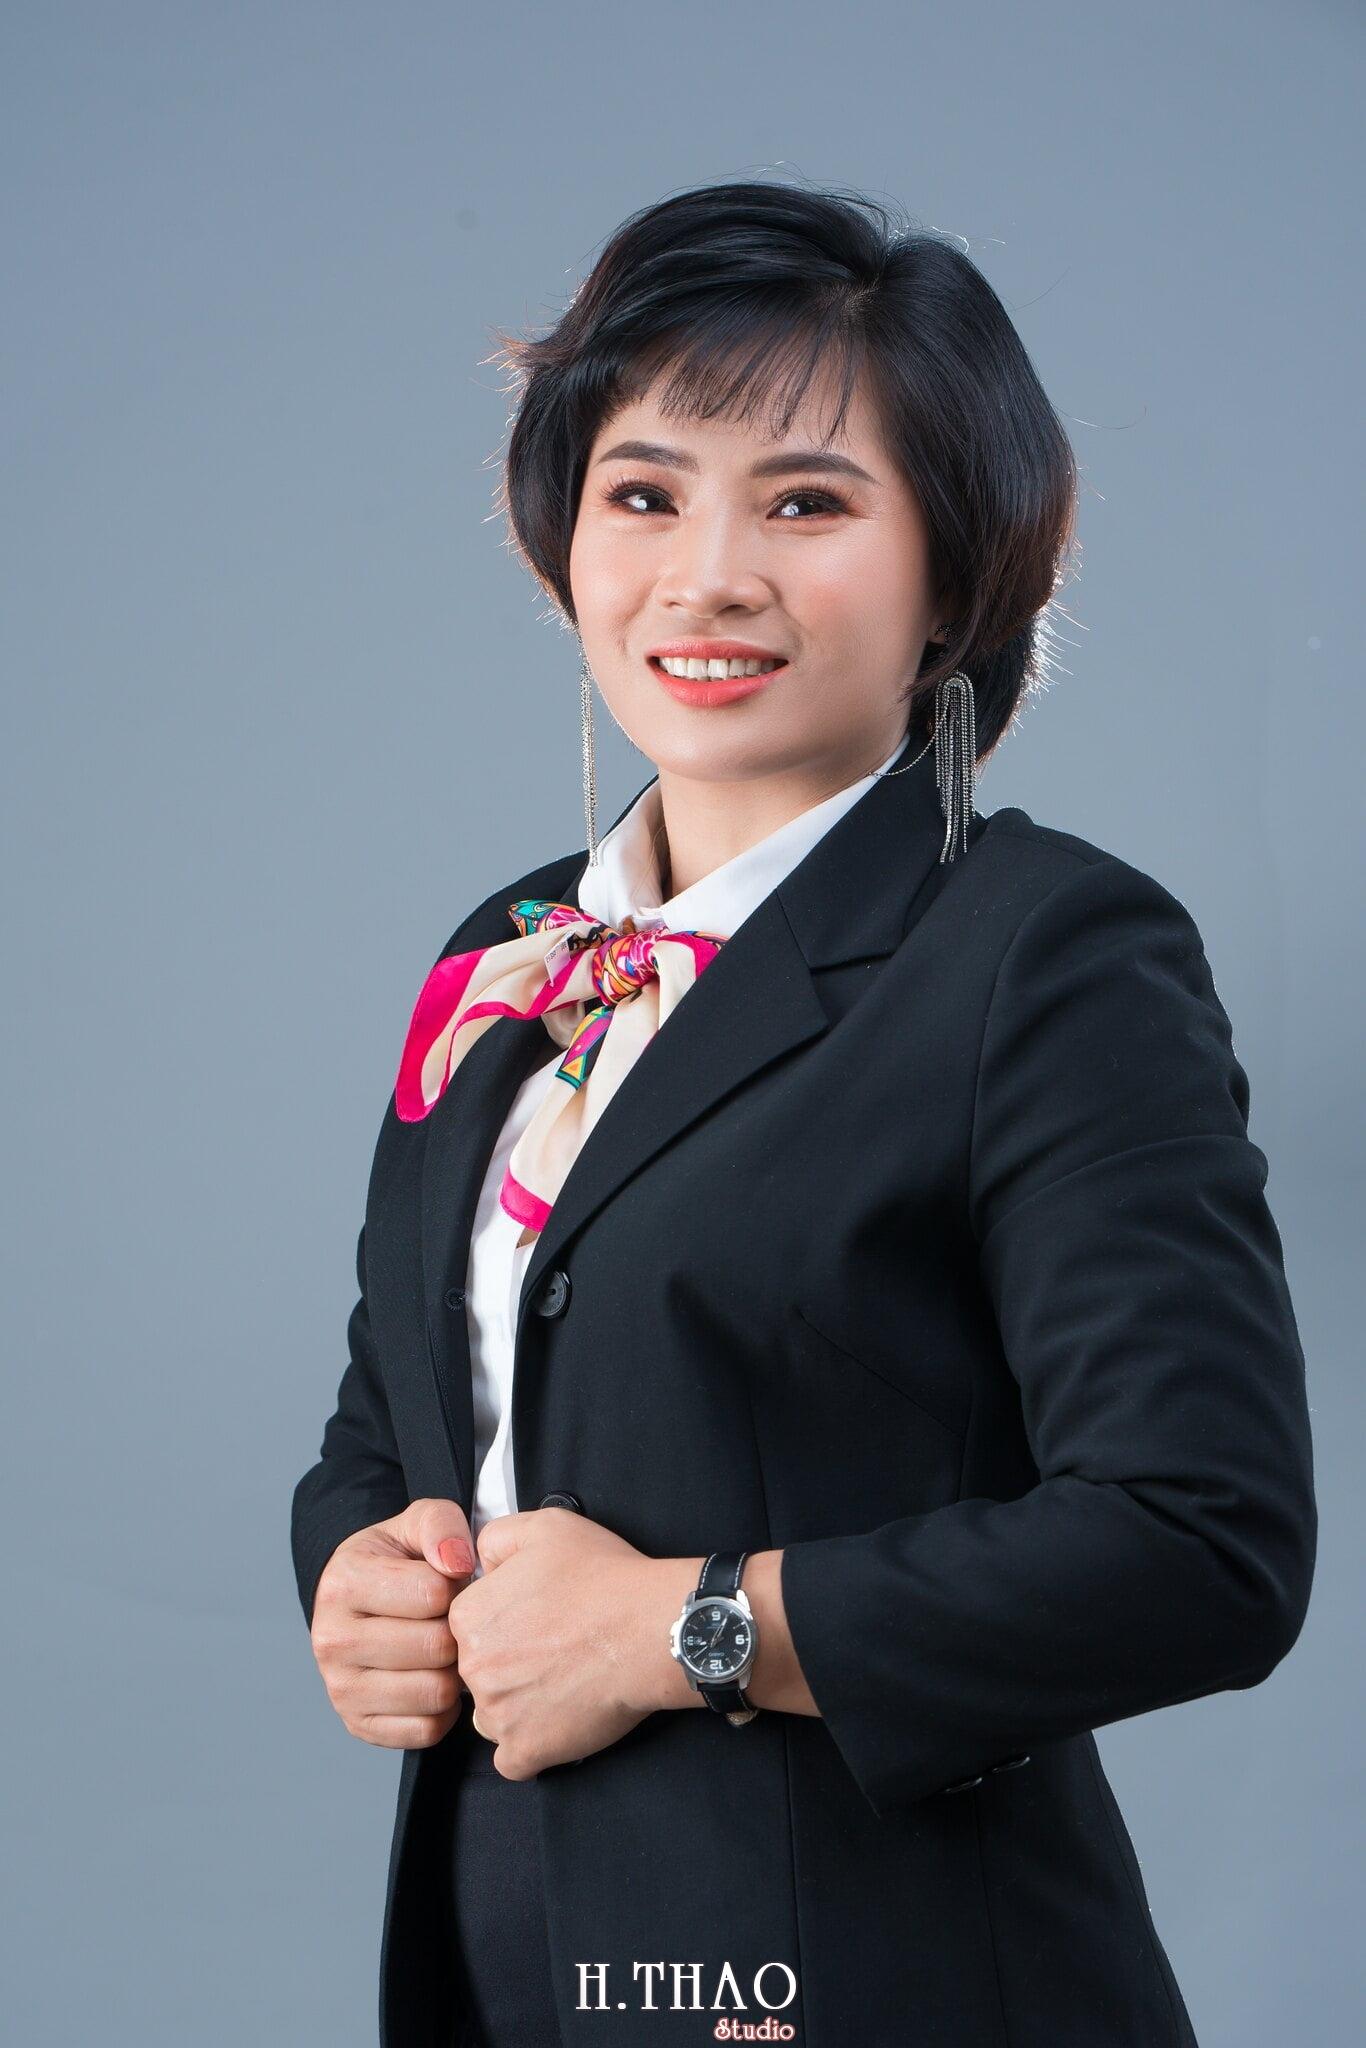 Anh profile ca nhan dep - Album ảnh profile cá nhân chị Ny Manulife - HThao Studio